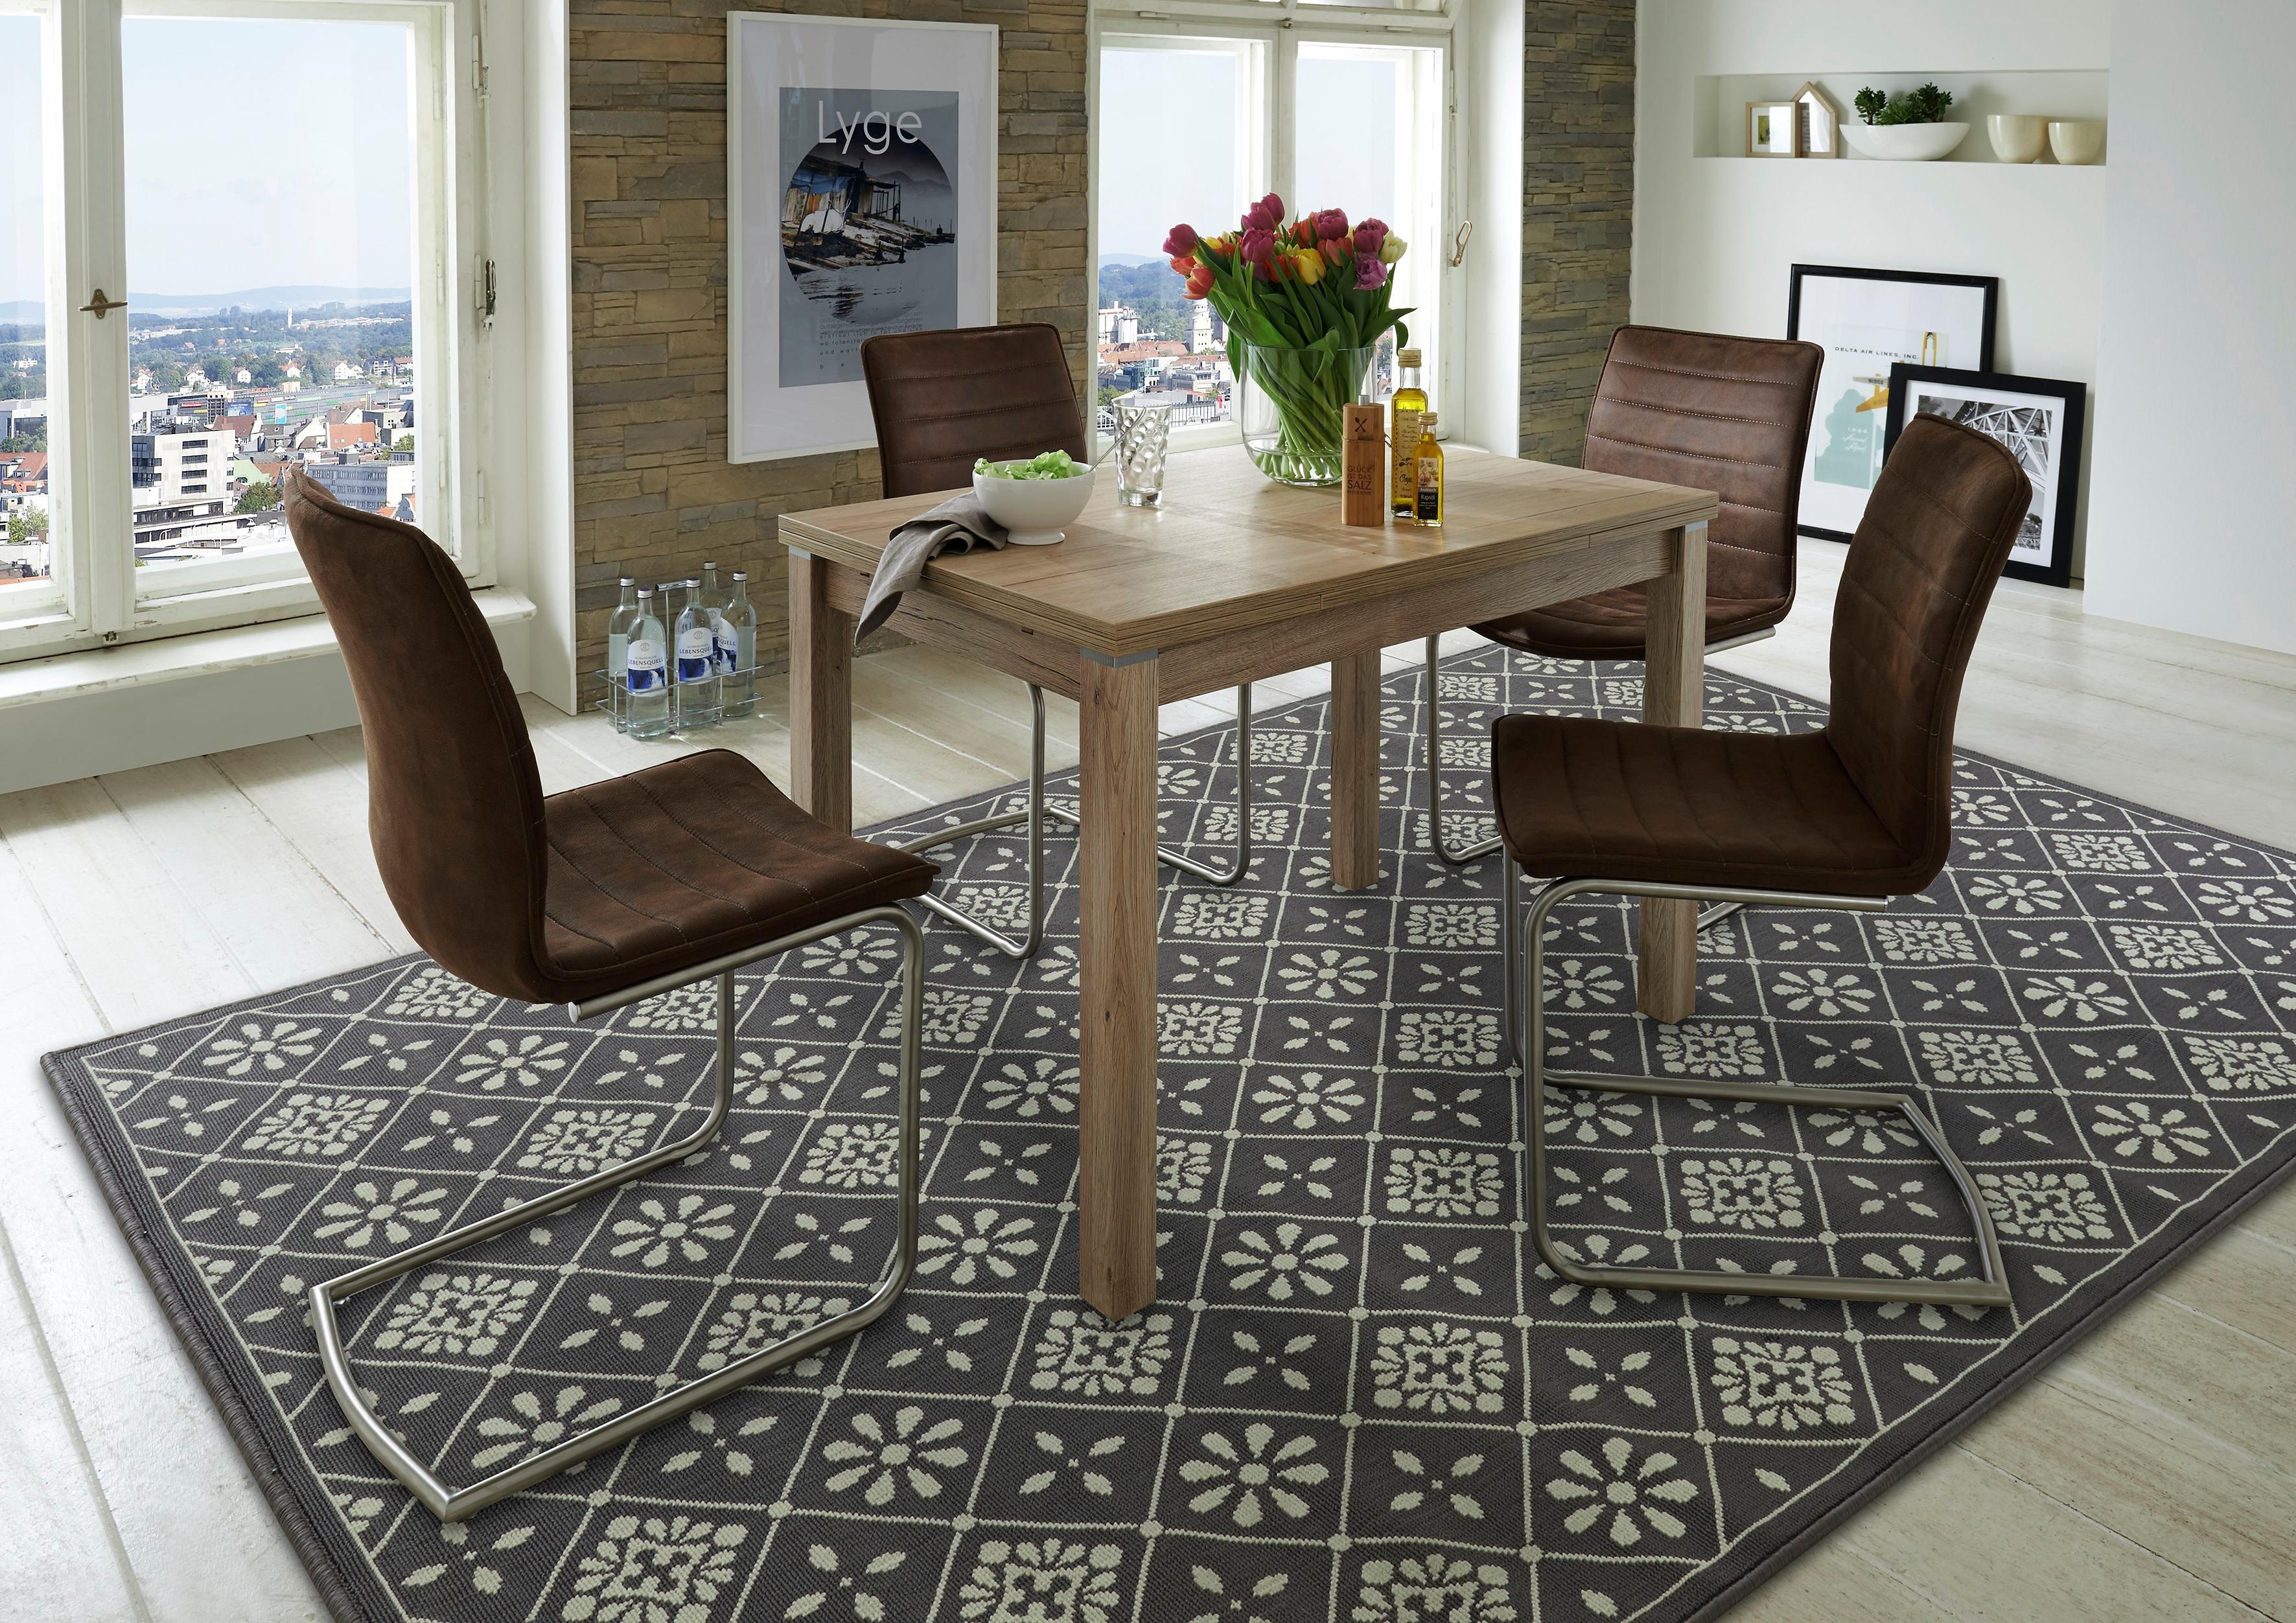 Stahl Freischwinger online kaufen   Möbel-Suchmaschine   ladendirekt.de